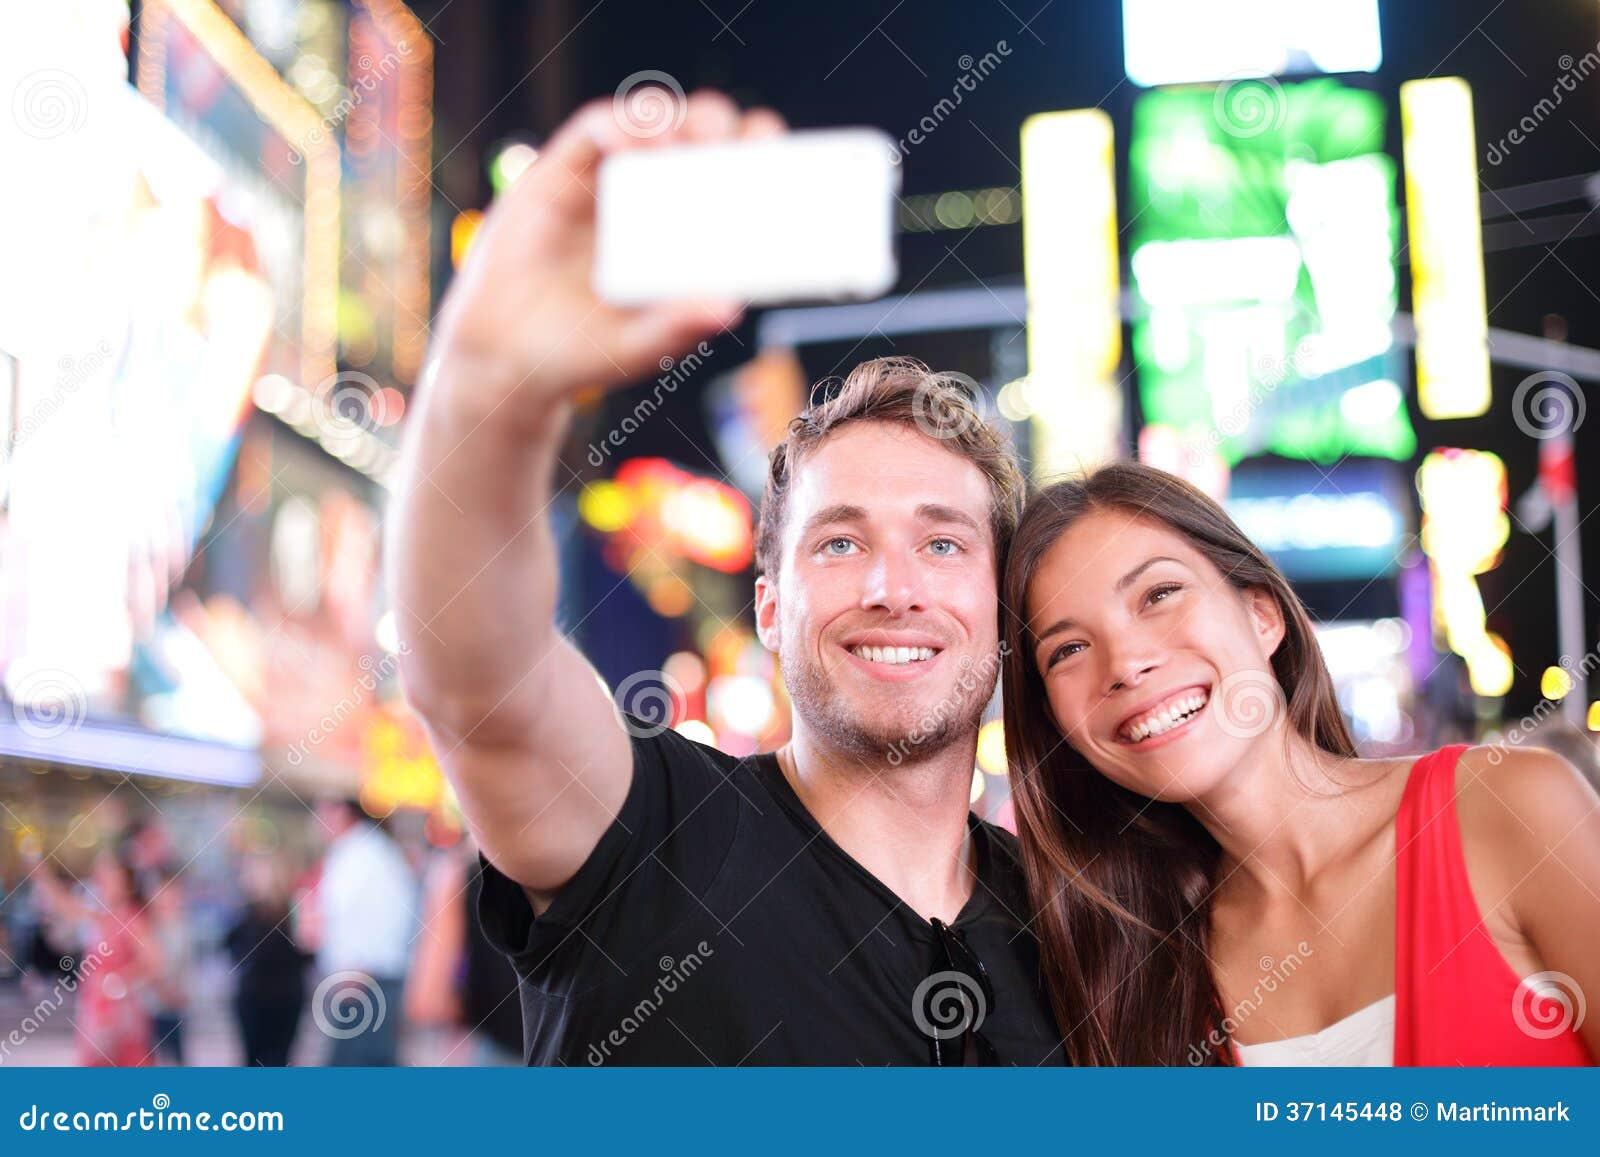 Datowanie potomstwa dobierają się szczęśliwego w miłości bierze selfie fotografię na times square, Miasto Nowy Jork przy nocą. Pię